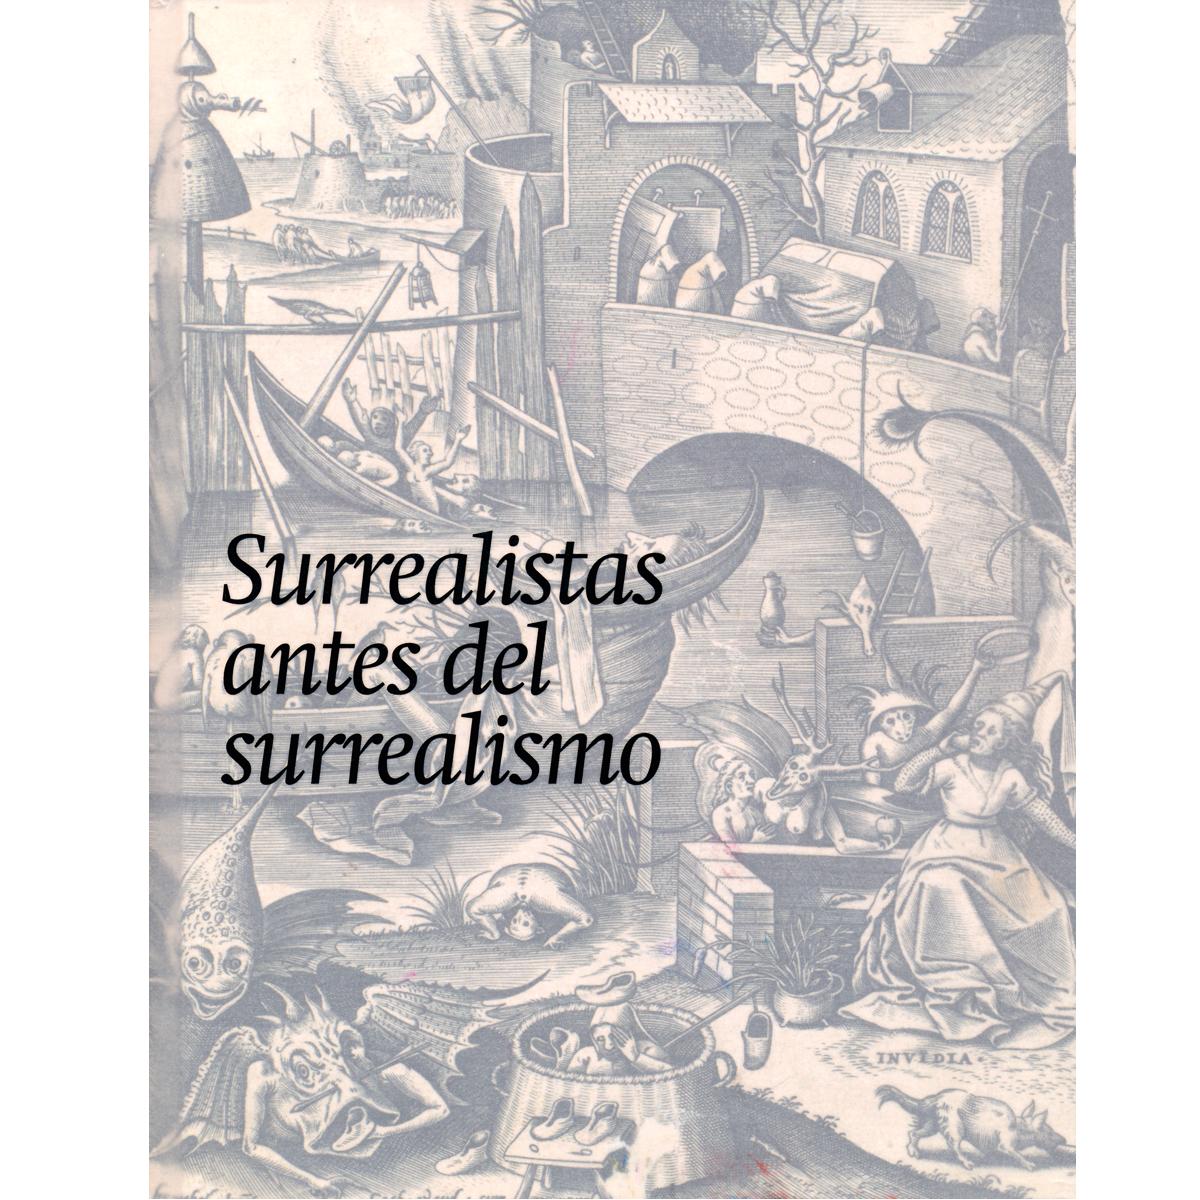 Surrealistas antes del surrealismo